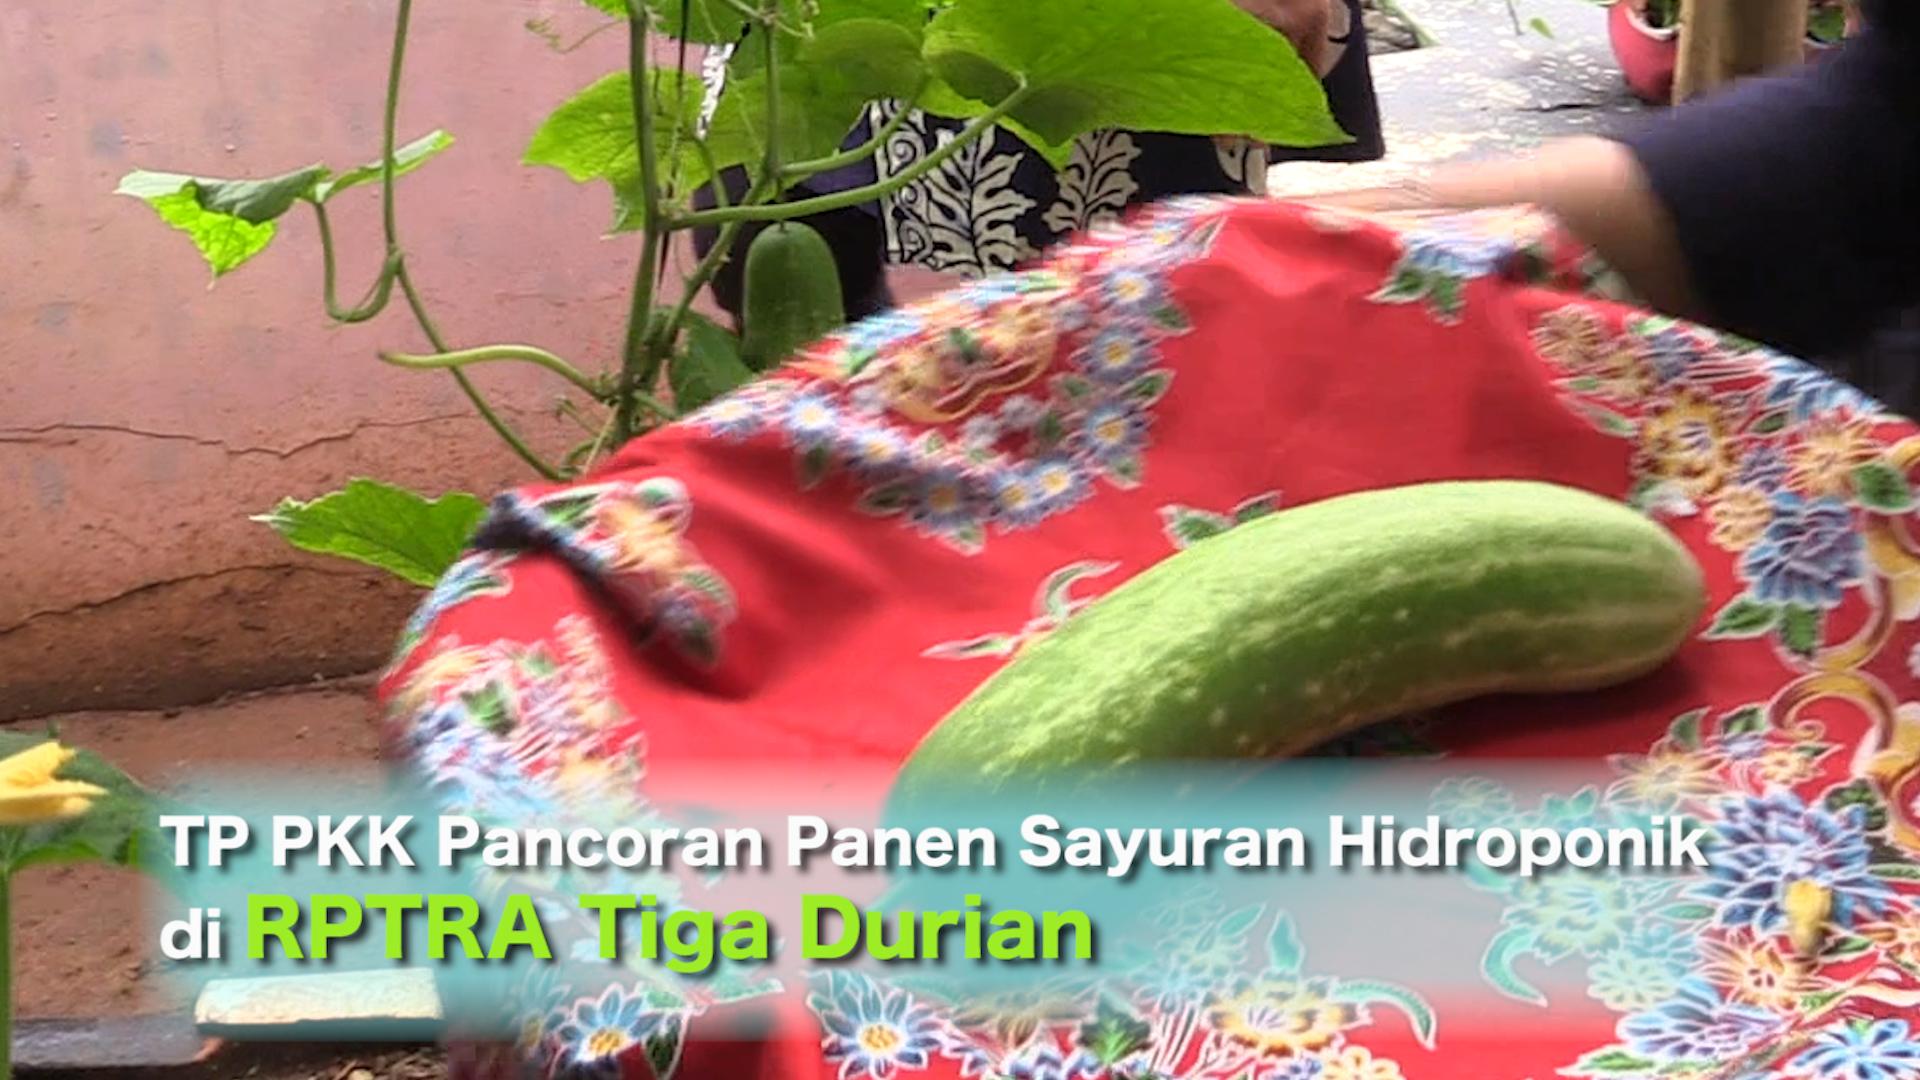 TP PKK Pancoran Panen Sayuran Hidroponik di RPTRA Tiga Durian